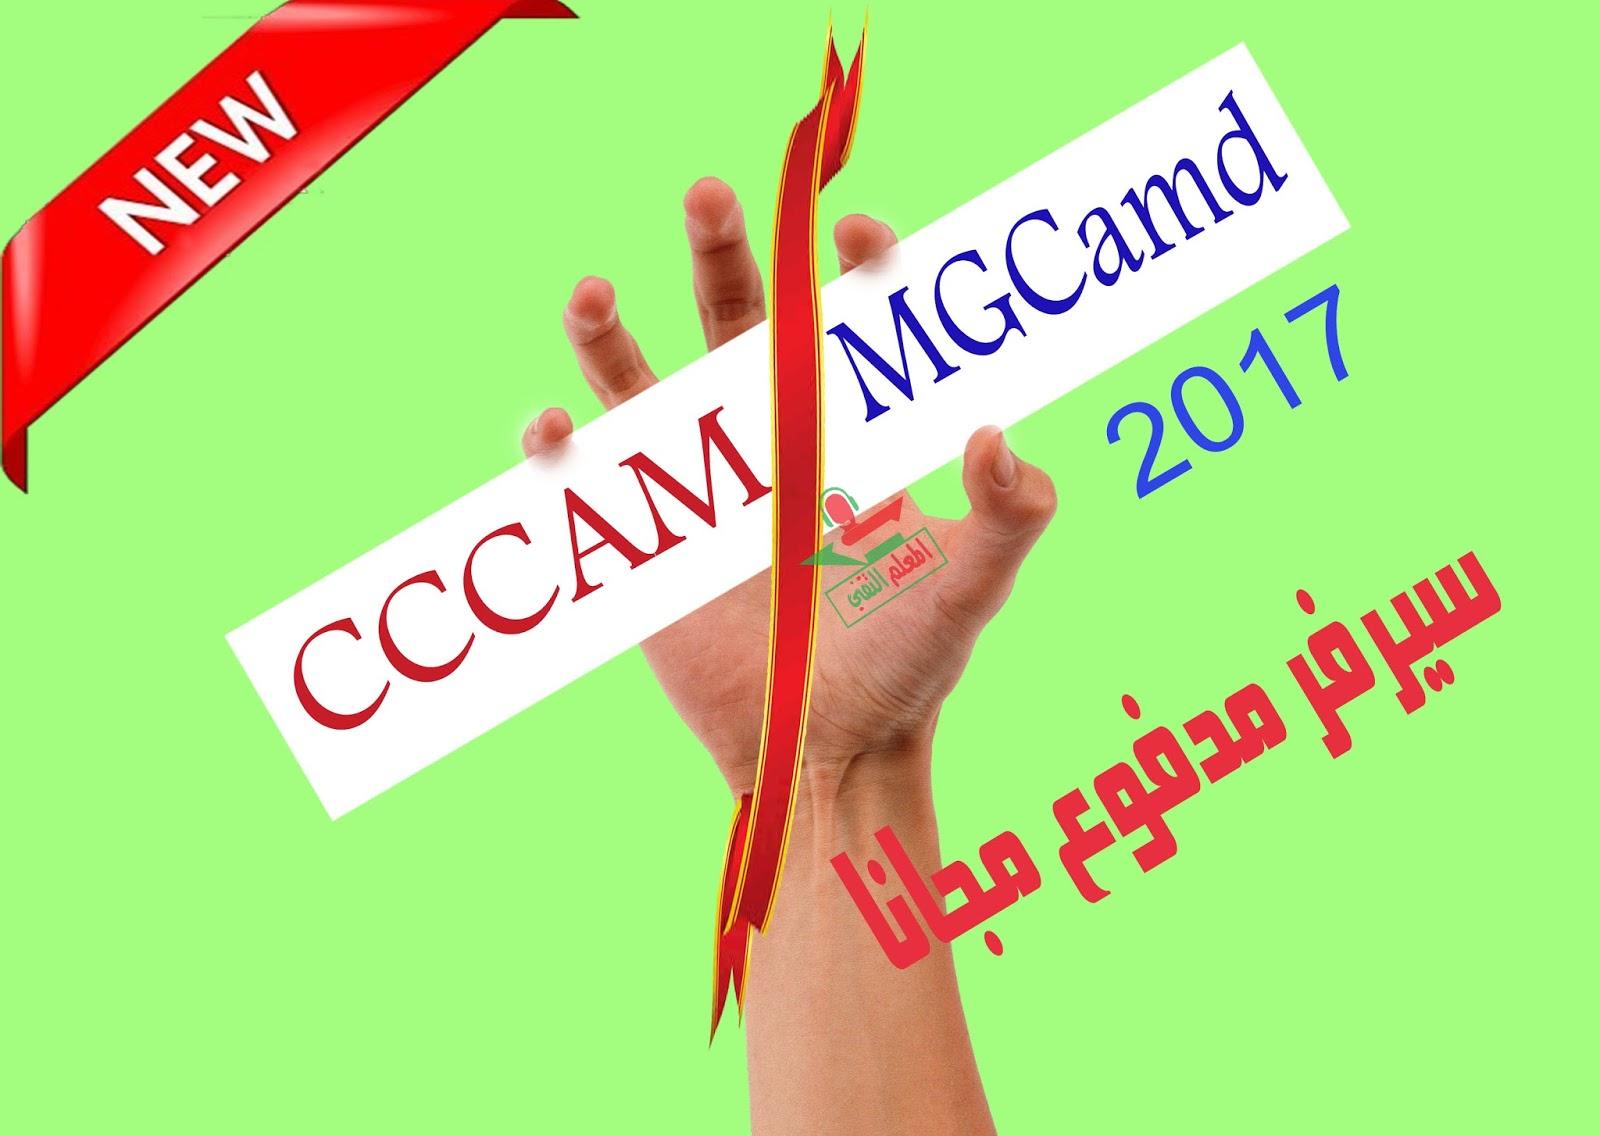 صورة طريقة رائعة للحصول على سيرفر CCCAM و MGCamd لمدة يومين مع تجديد لفترة طويلة + كسر 70 باقة